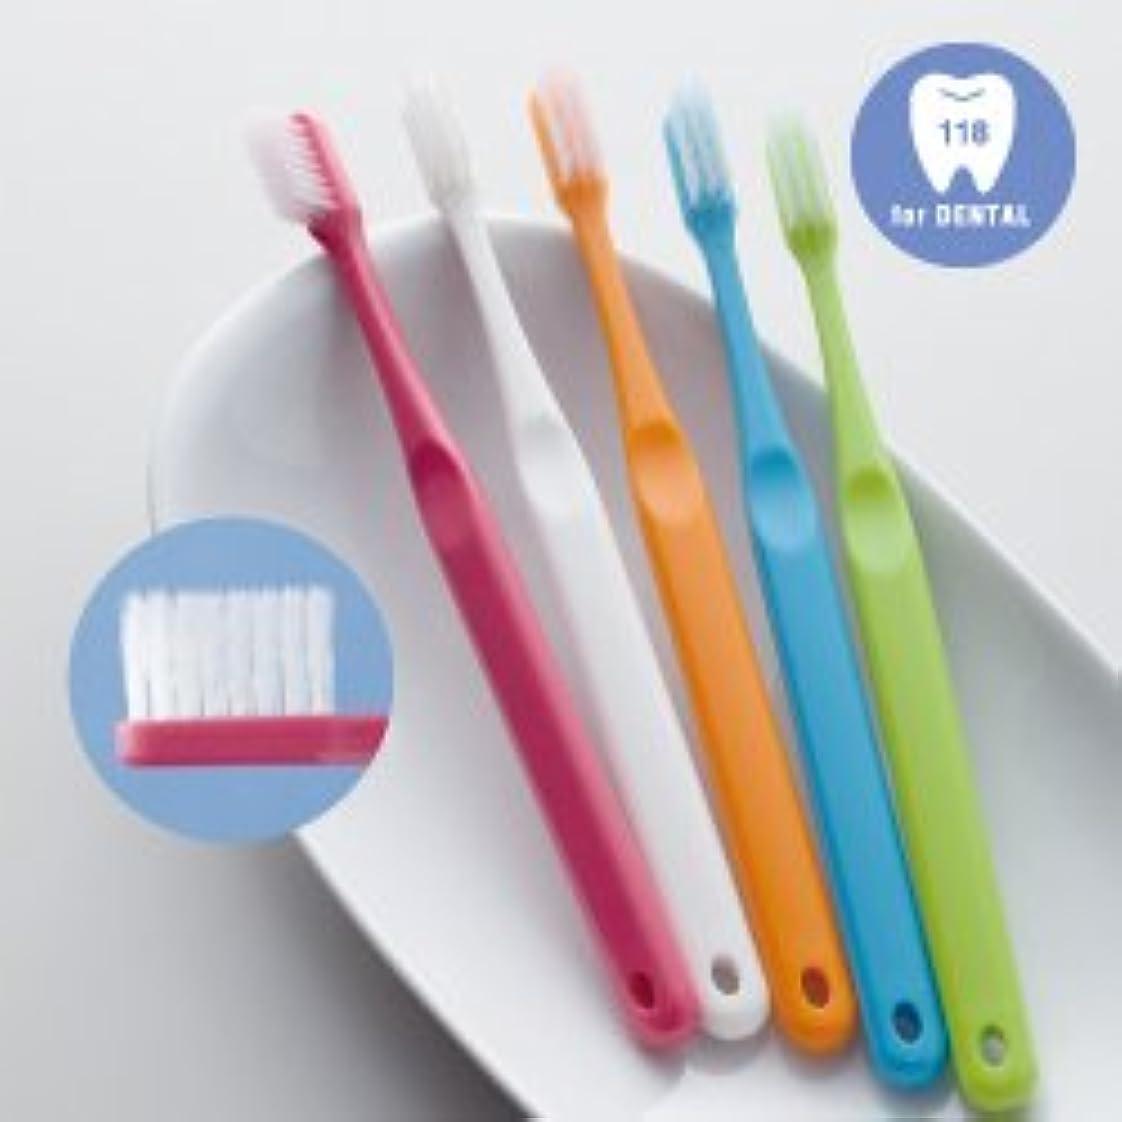 うつうつビート歯科専用歯ブラシ 118SERIES ZERO 超先細 ふつう 25本